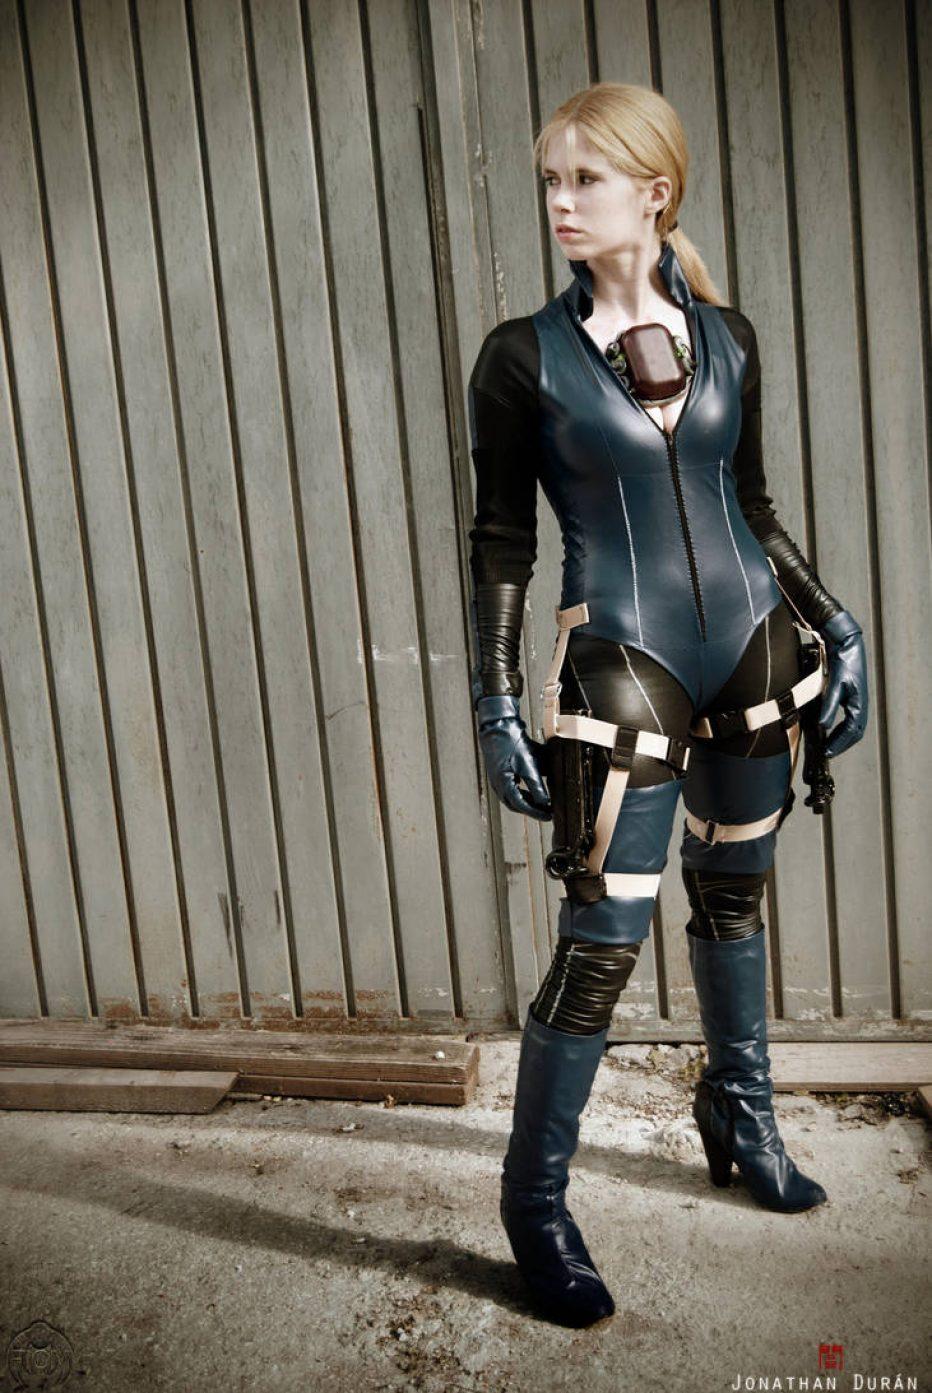 Resident-Evil-5-Jill-Valentine-Cosplay-Gamers-Heroes-1.jpg